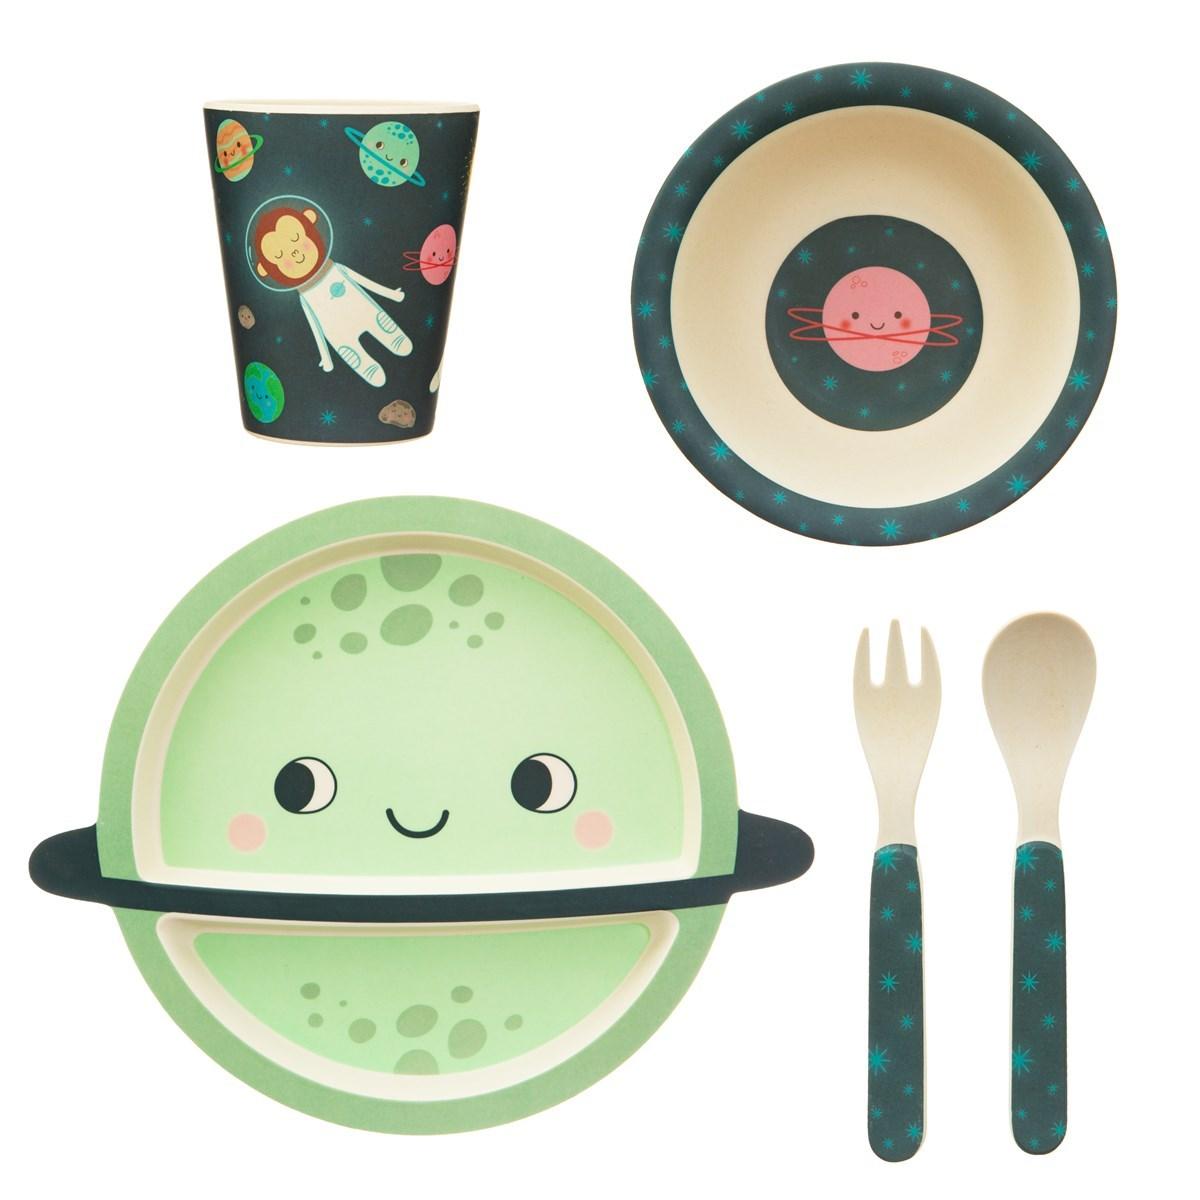 Dětský jídelní set Space Explorer_0